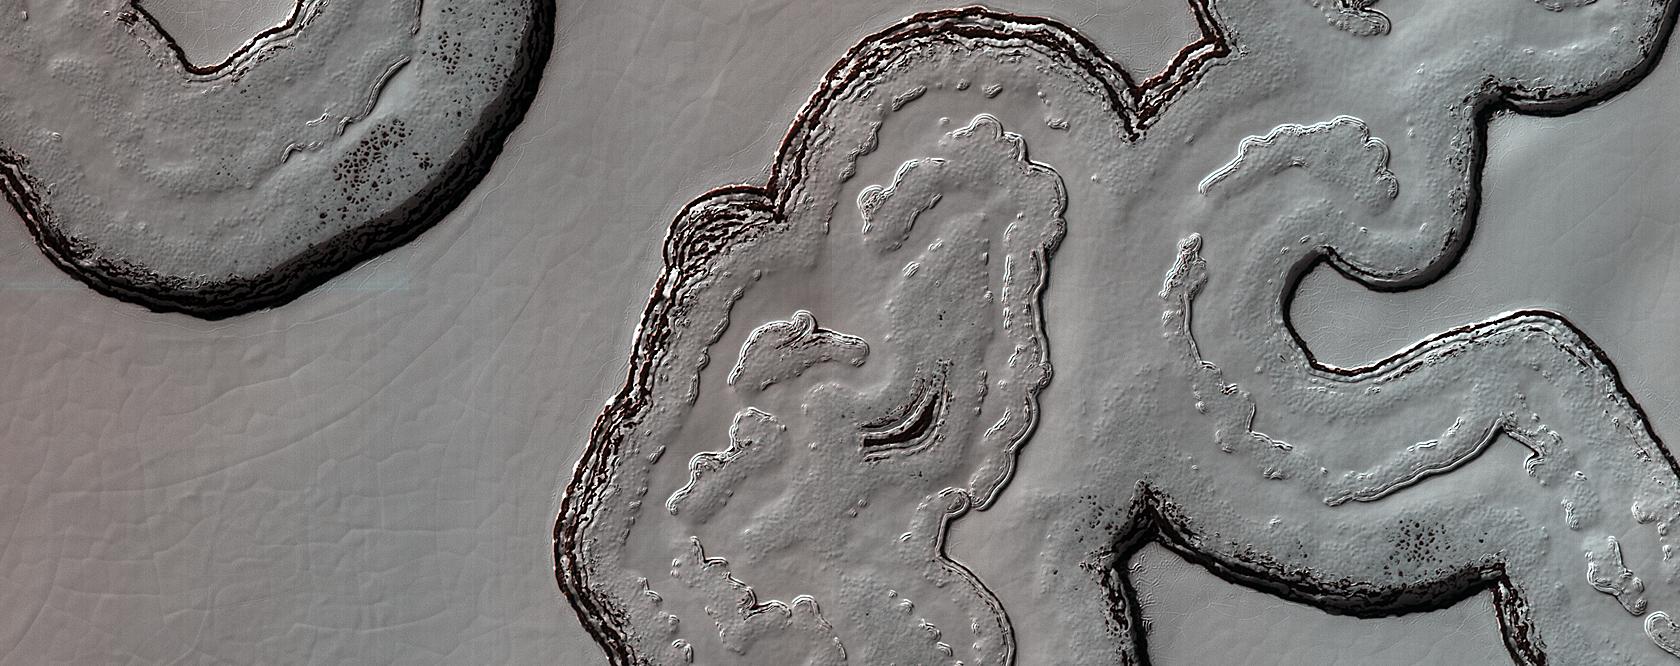 South Polar Cap Terrain